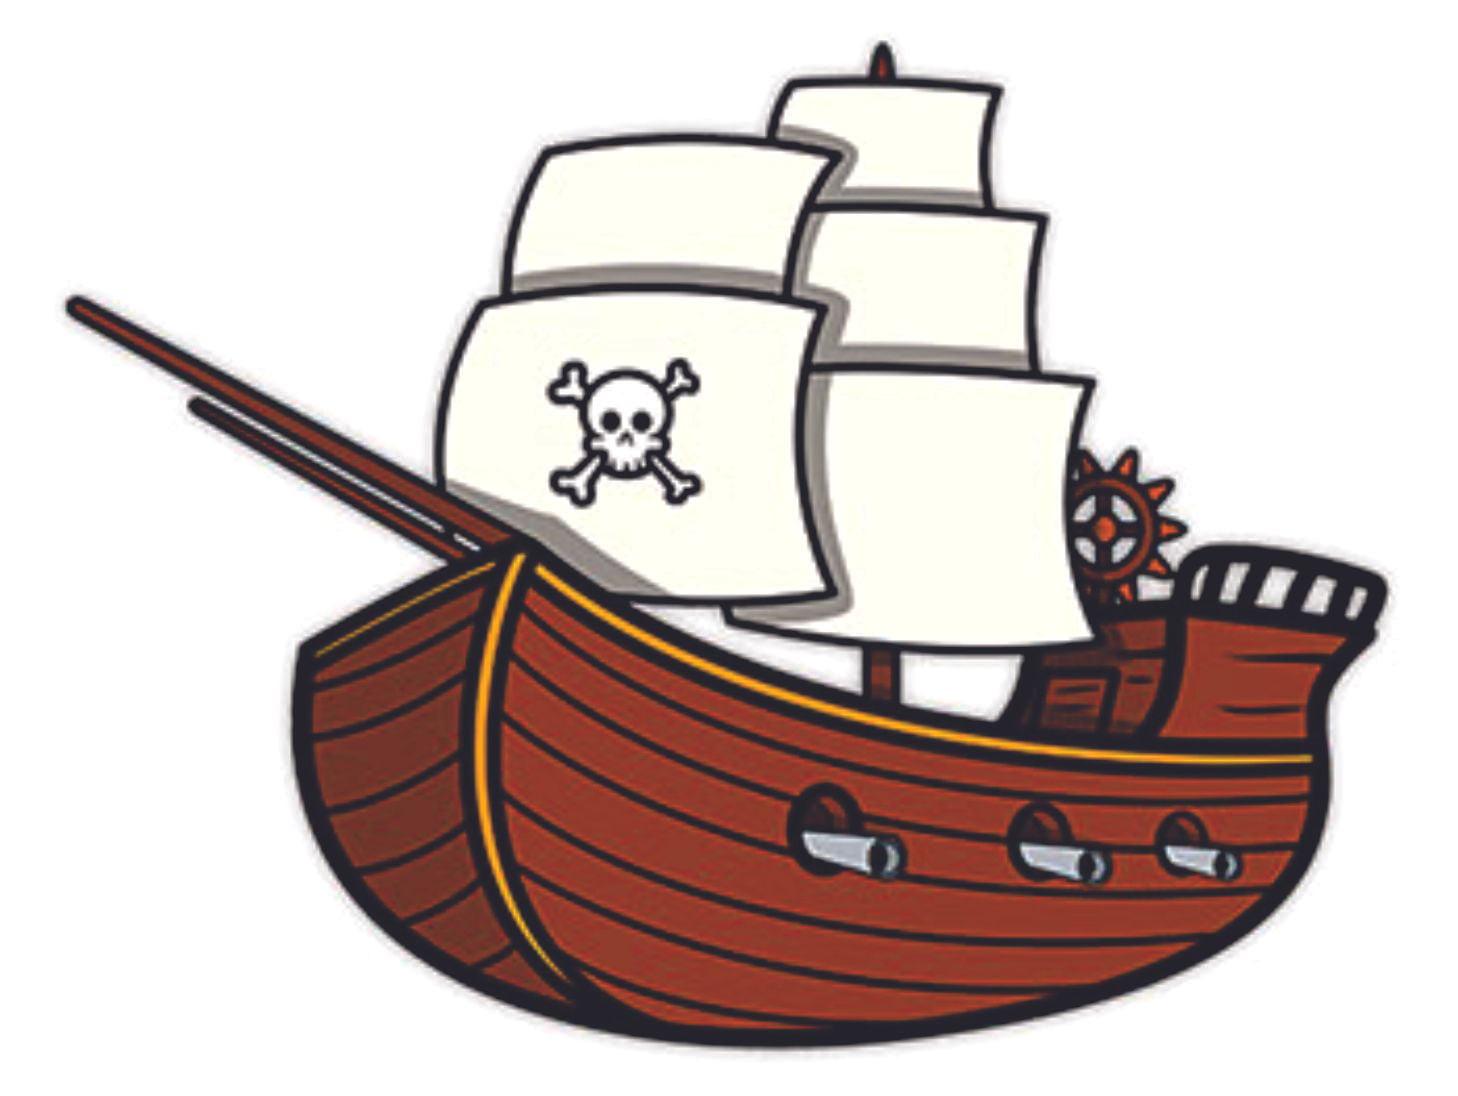 PIRATE SHIP VINYL DECAL STICKER BEDROOM//CAR//WALL//DOOR//LAPTOP//TABLET//WINDOW